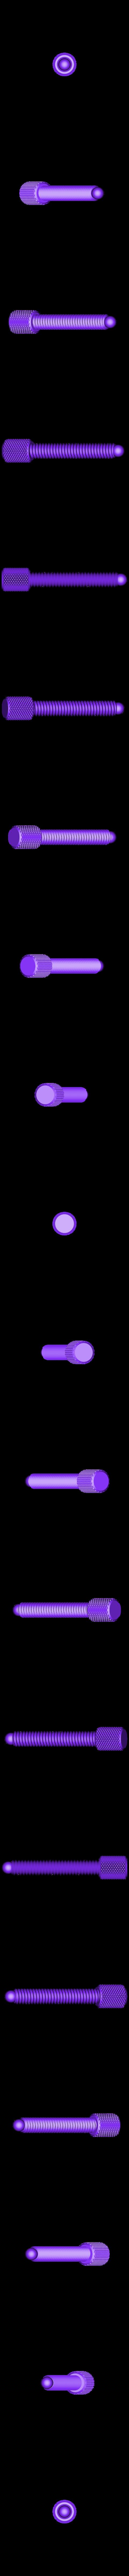 HeadPhonestand_Clamp_Screw_Black.STL Télécharger fichier STL gratuit Support d'écouteurs multicolore • Objet pour imprimante 3D, MosaicManufacturing